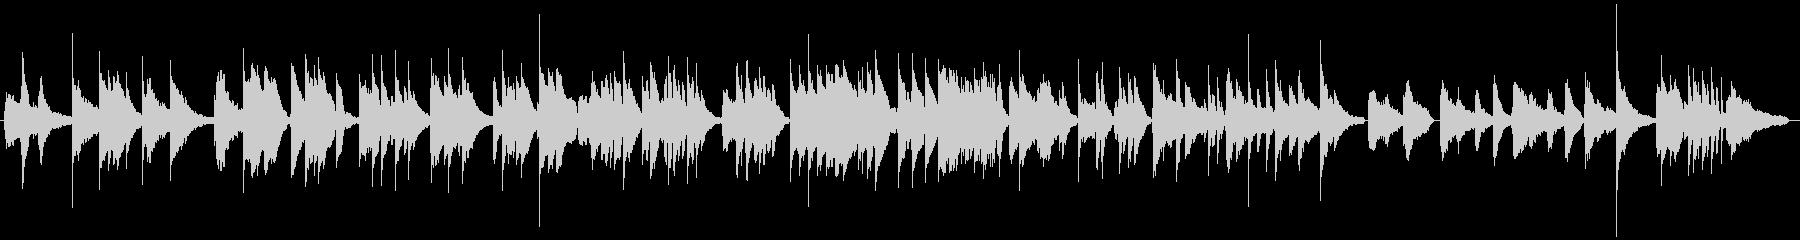 ピアノジャズボサノバBGMの未再生の波形